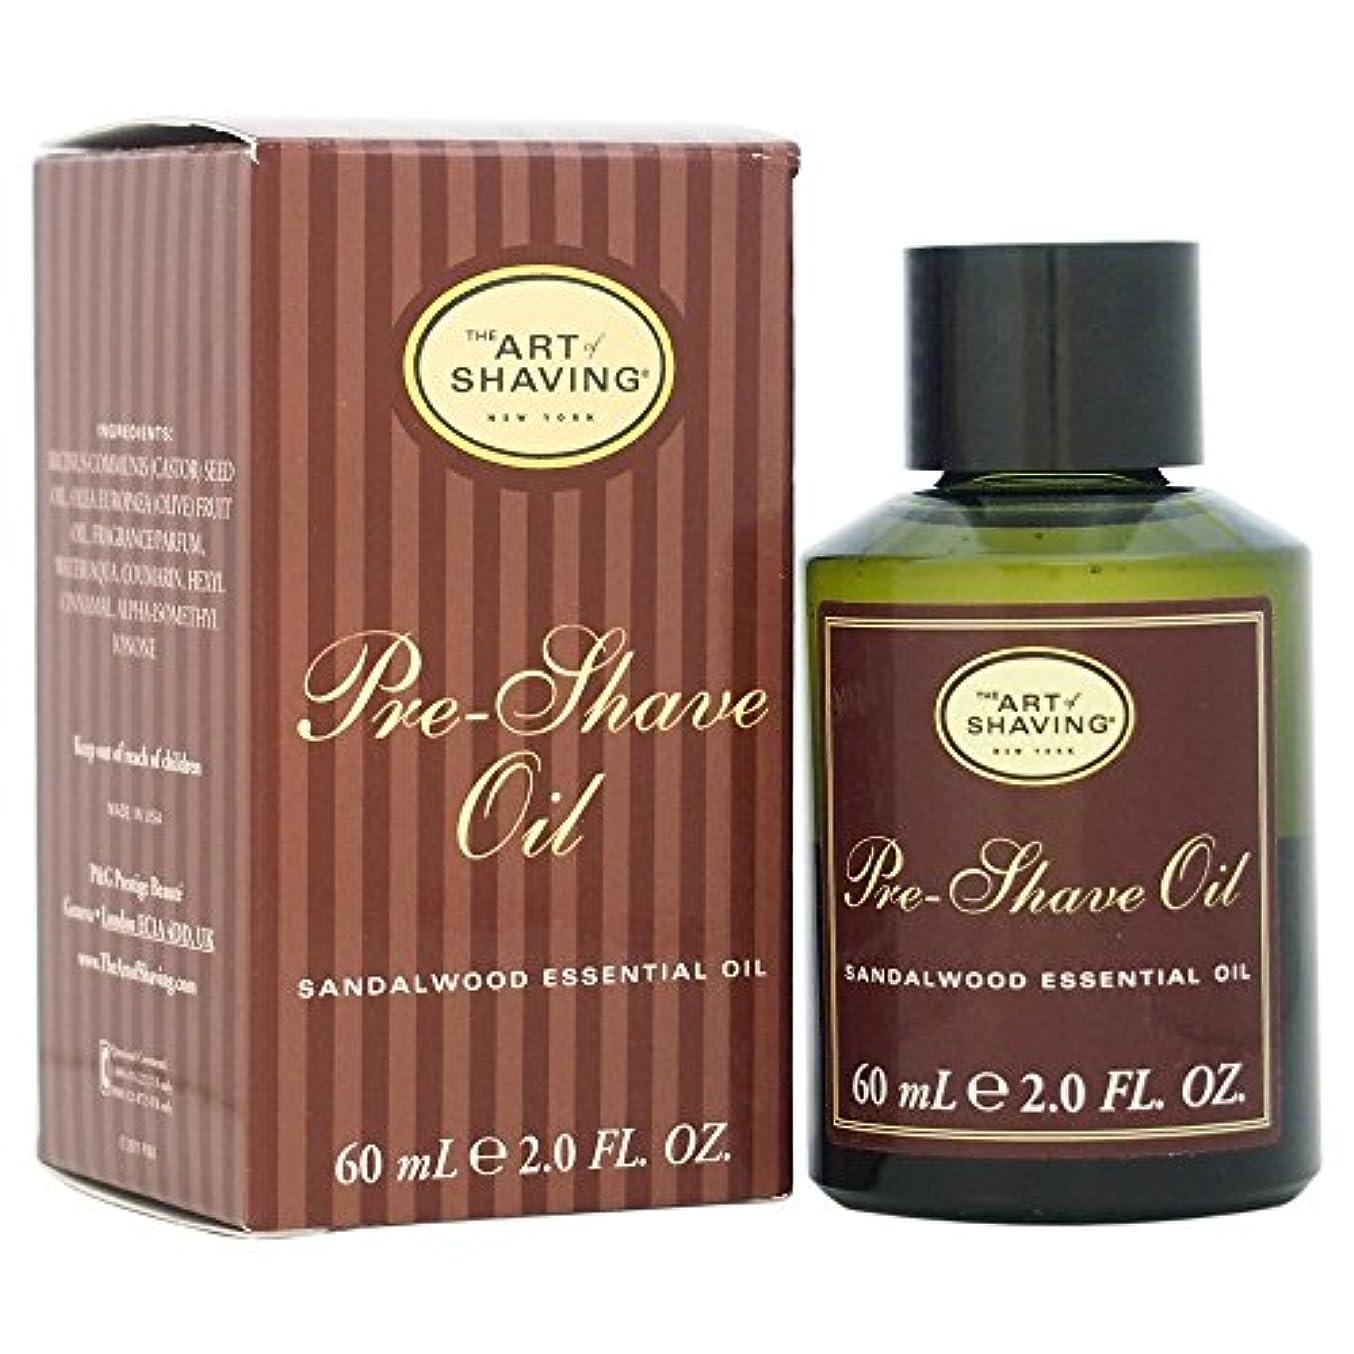 あらゆる種類の出演者交渉するThe Art Of Shaving Pre-Shave Oil With Sandalwood Essential Oil (並行輸入品) [並行輸入品]